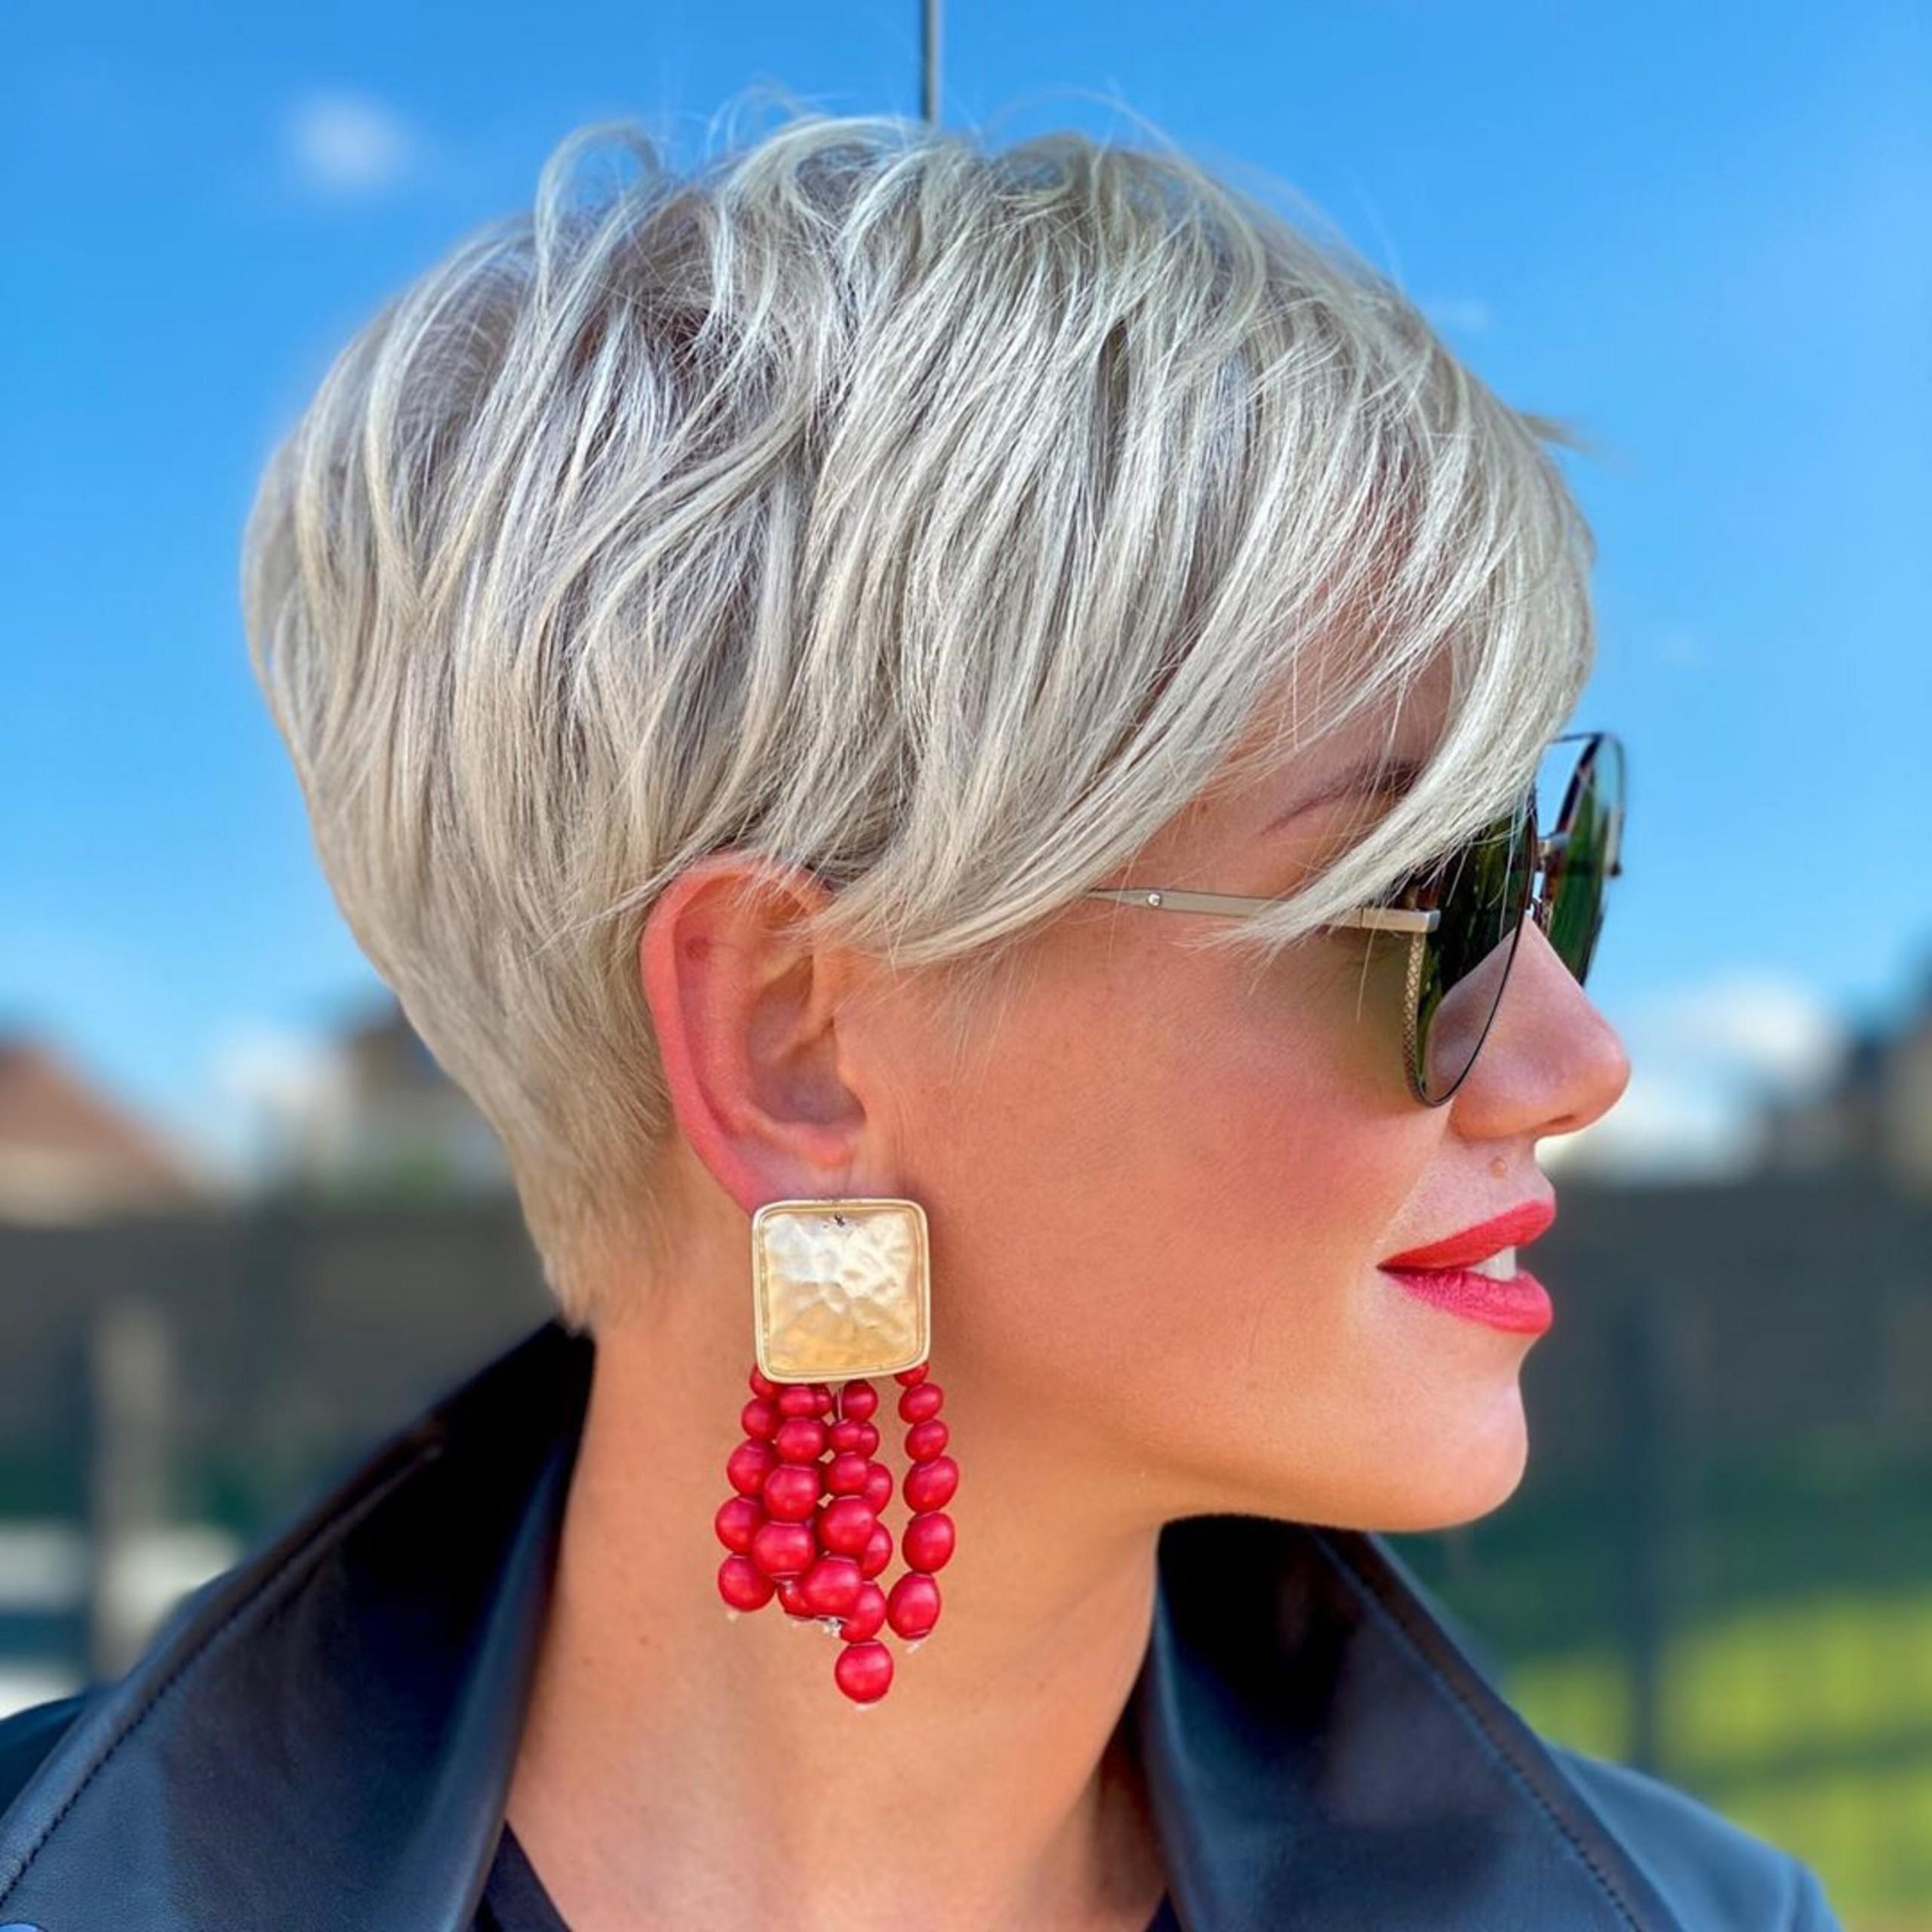 A short pixie haircut for blondies.